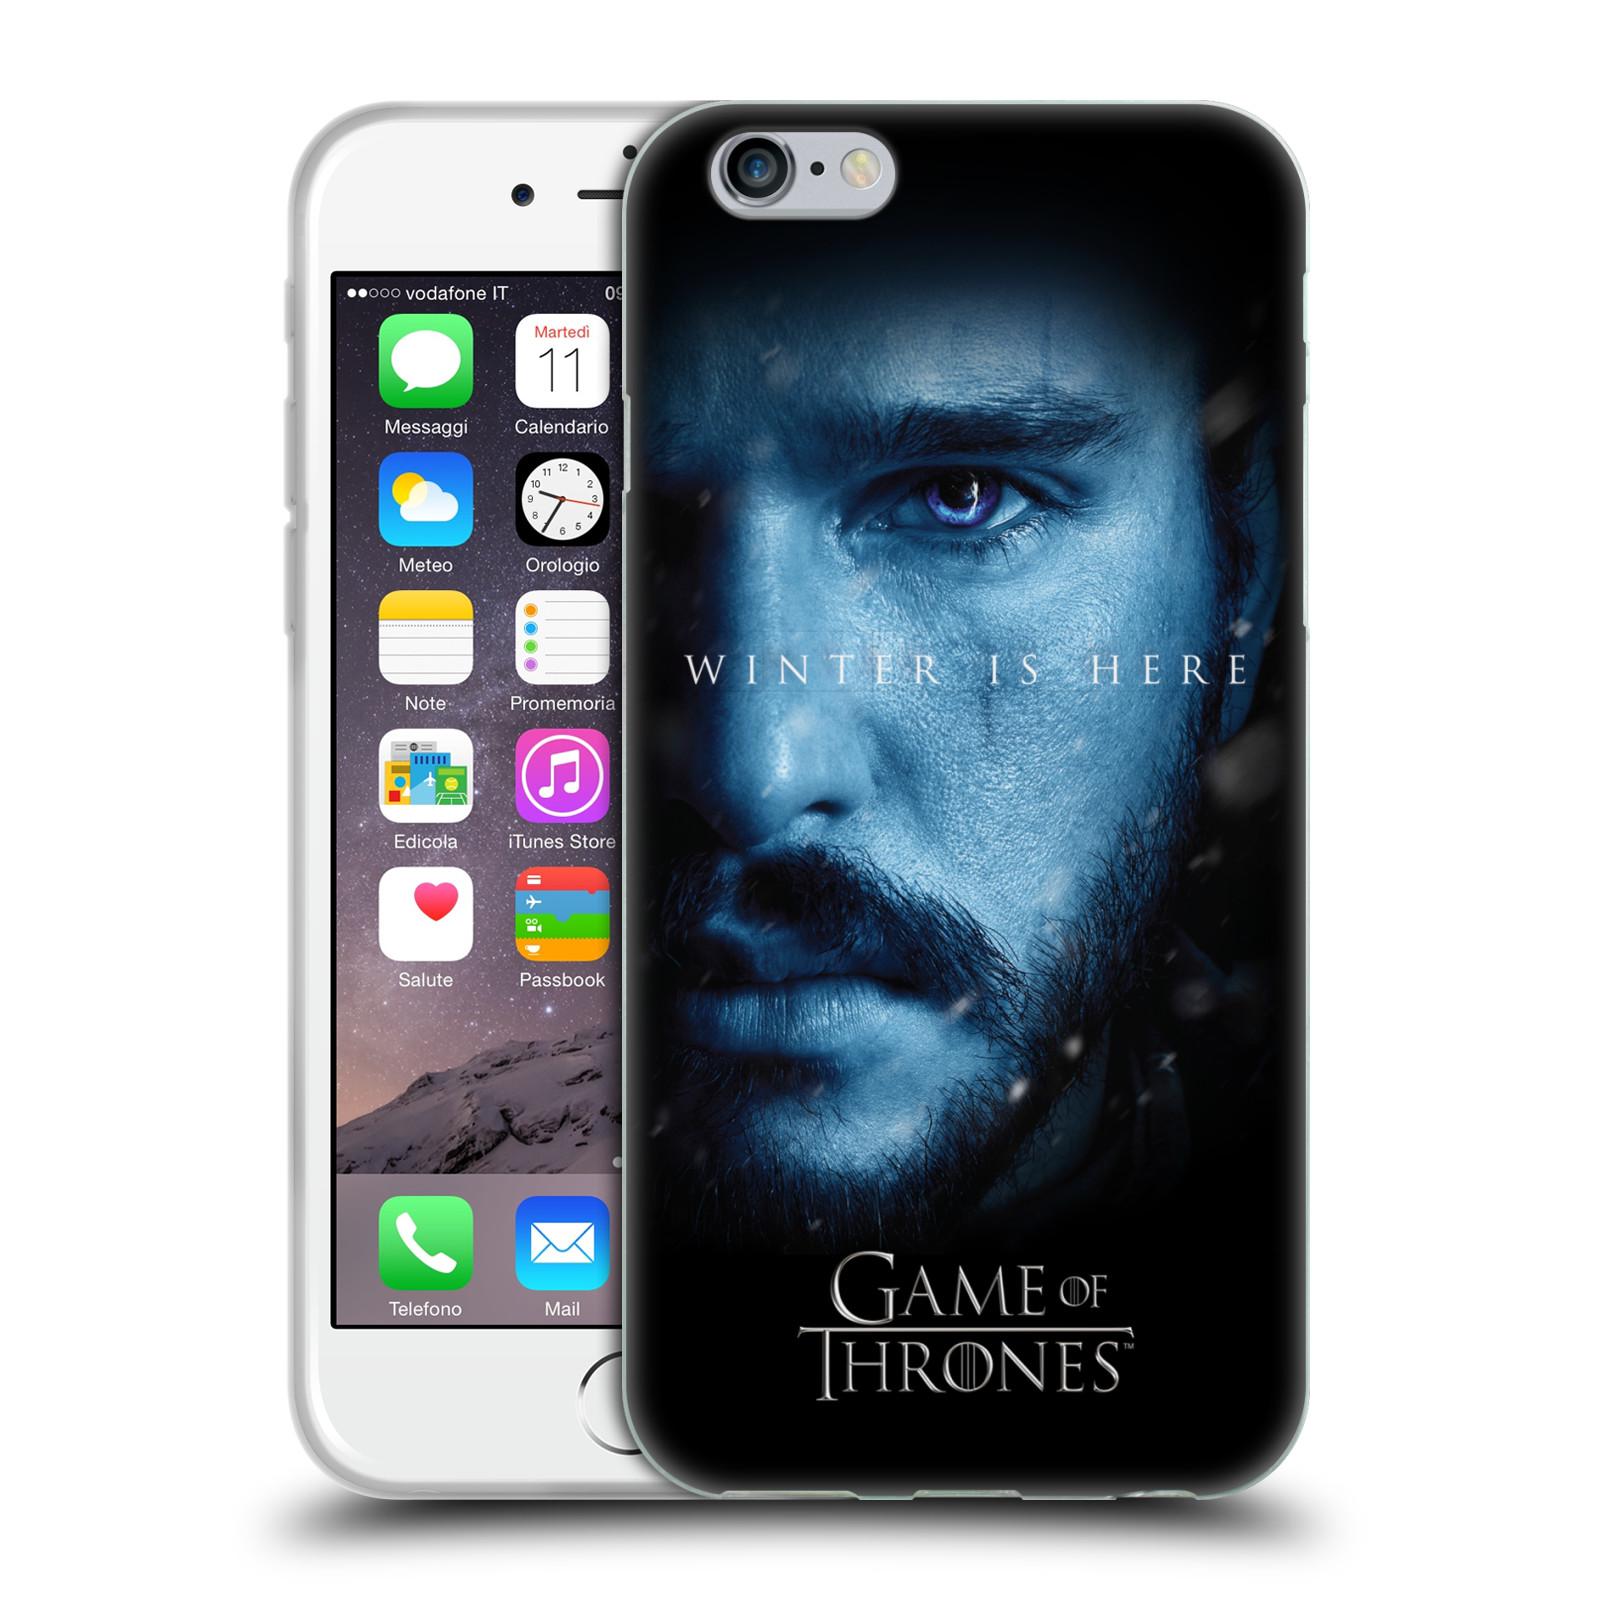 Silikonové pouzdro na mobil Apple iPhone 6 - Head Case - Hra o trůny - Jon Snow - Winter is here (Silikonový kryt či obal na mobilní telefon s motivem Game of Thrones - Jon Snow - Winter is here - Season 7 pro Apple iPhone 6)